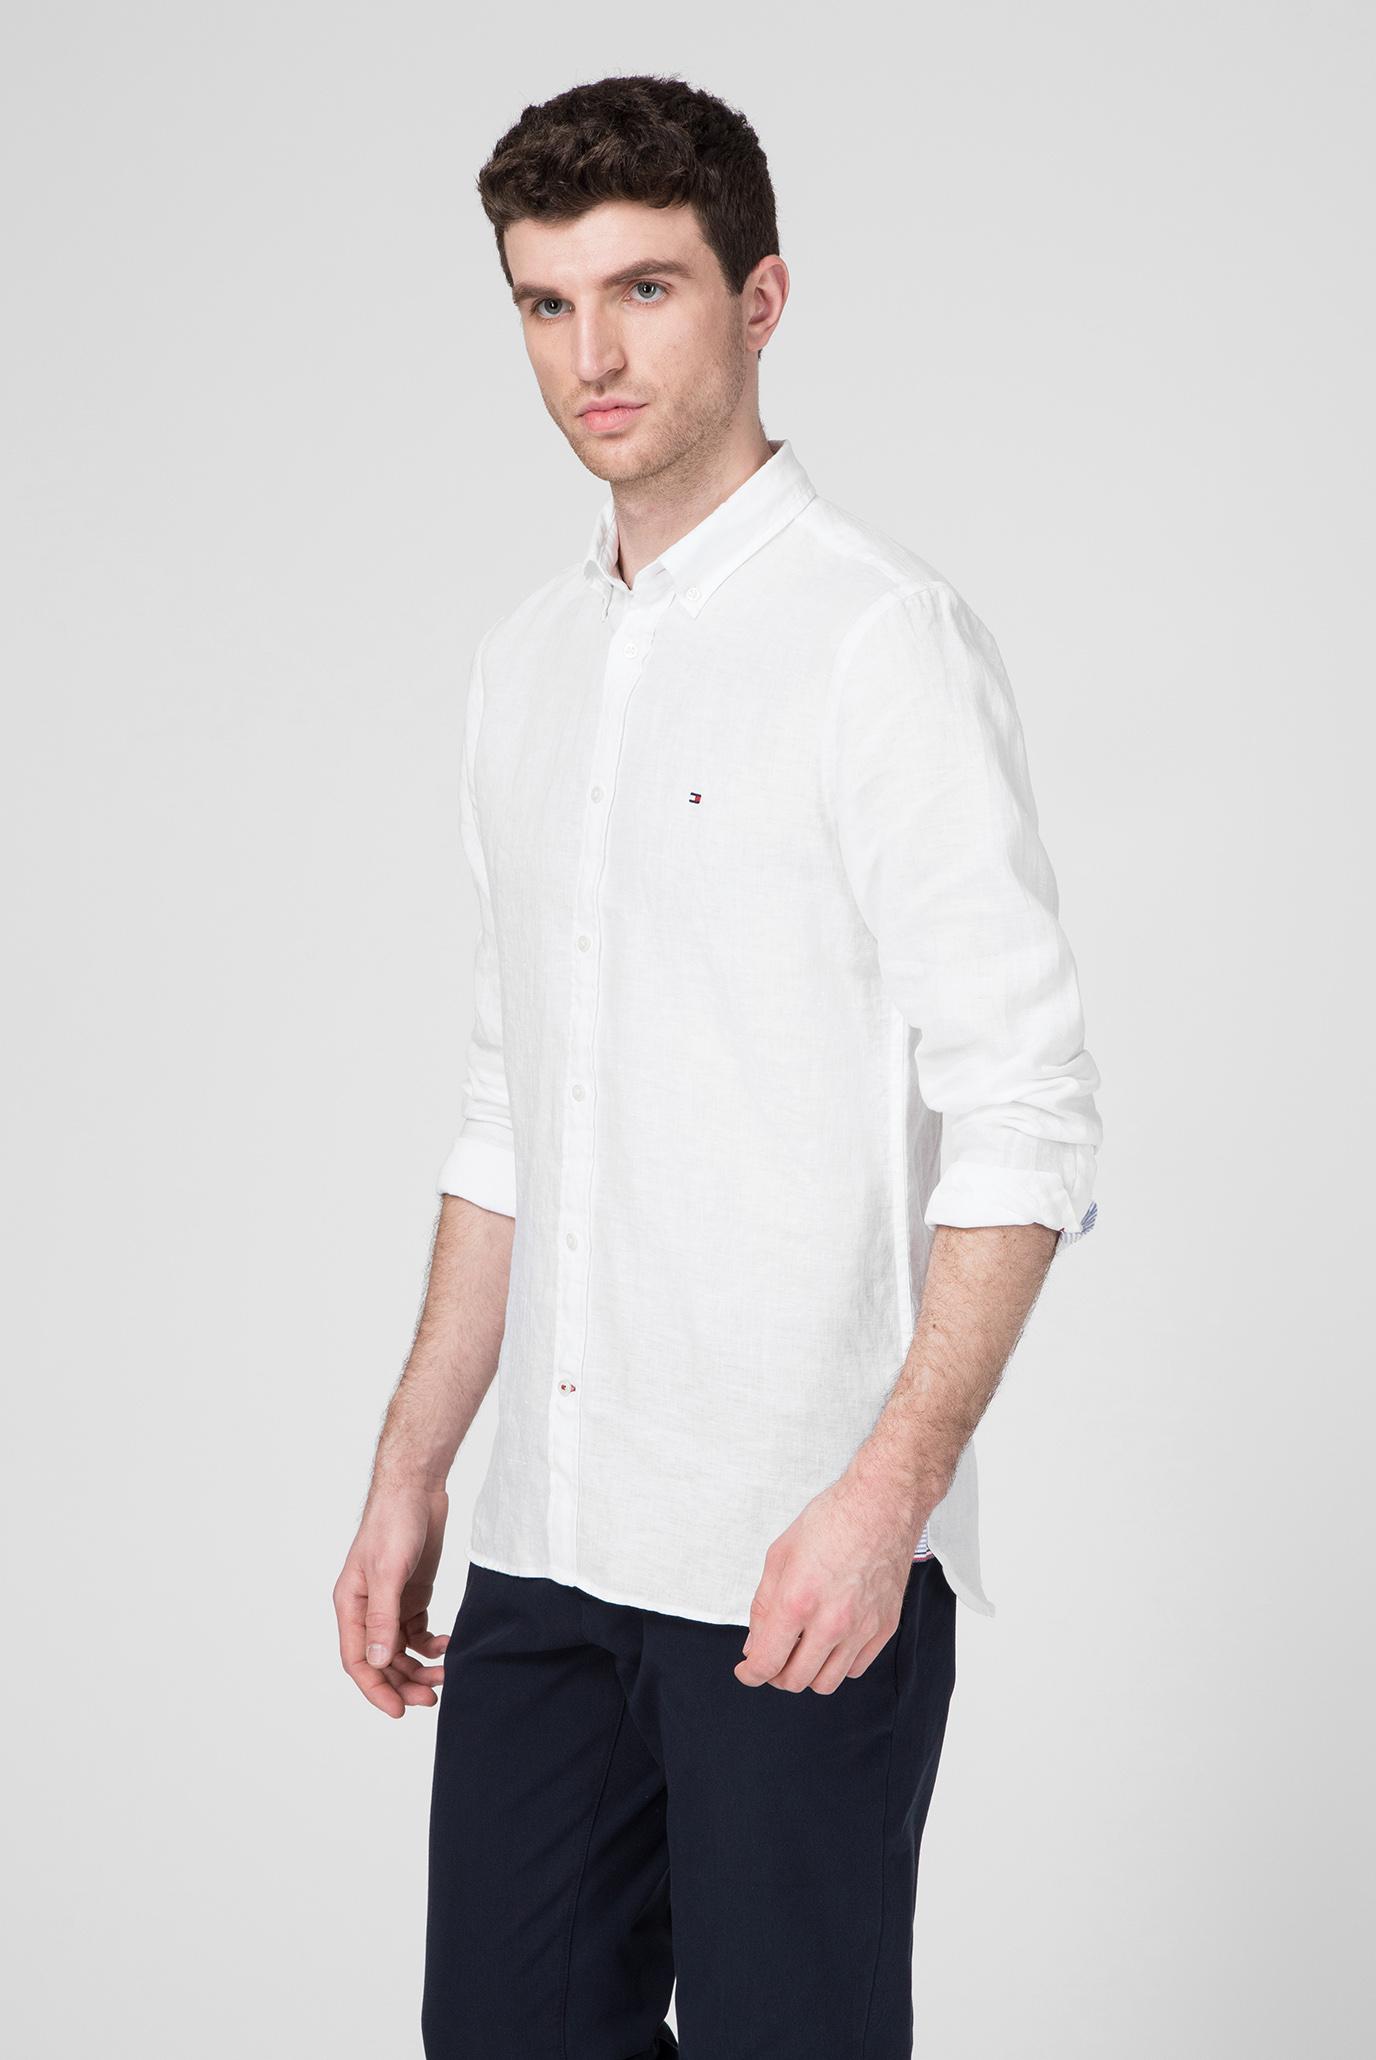 Чоловічі біла лляна сорочка Tommy Hilfiger